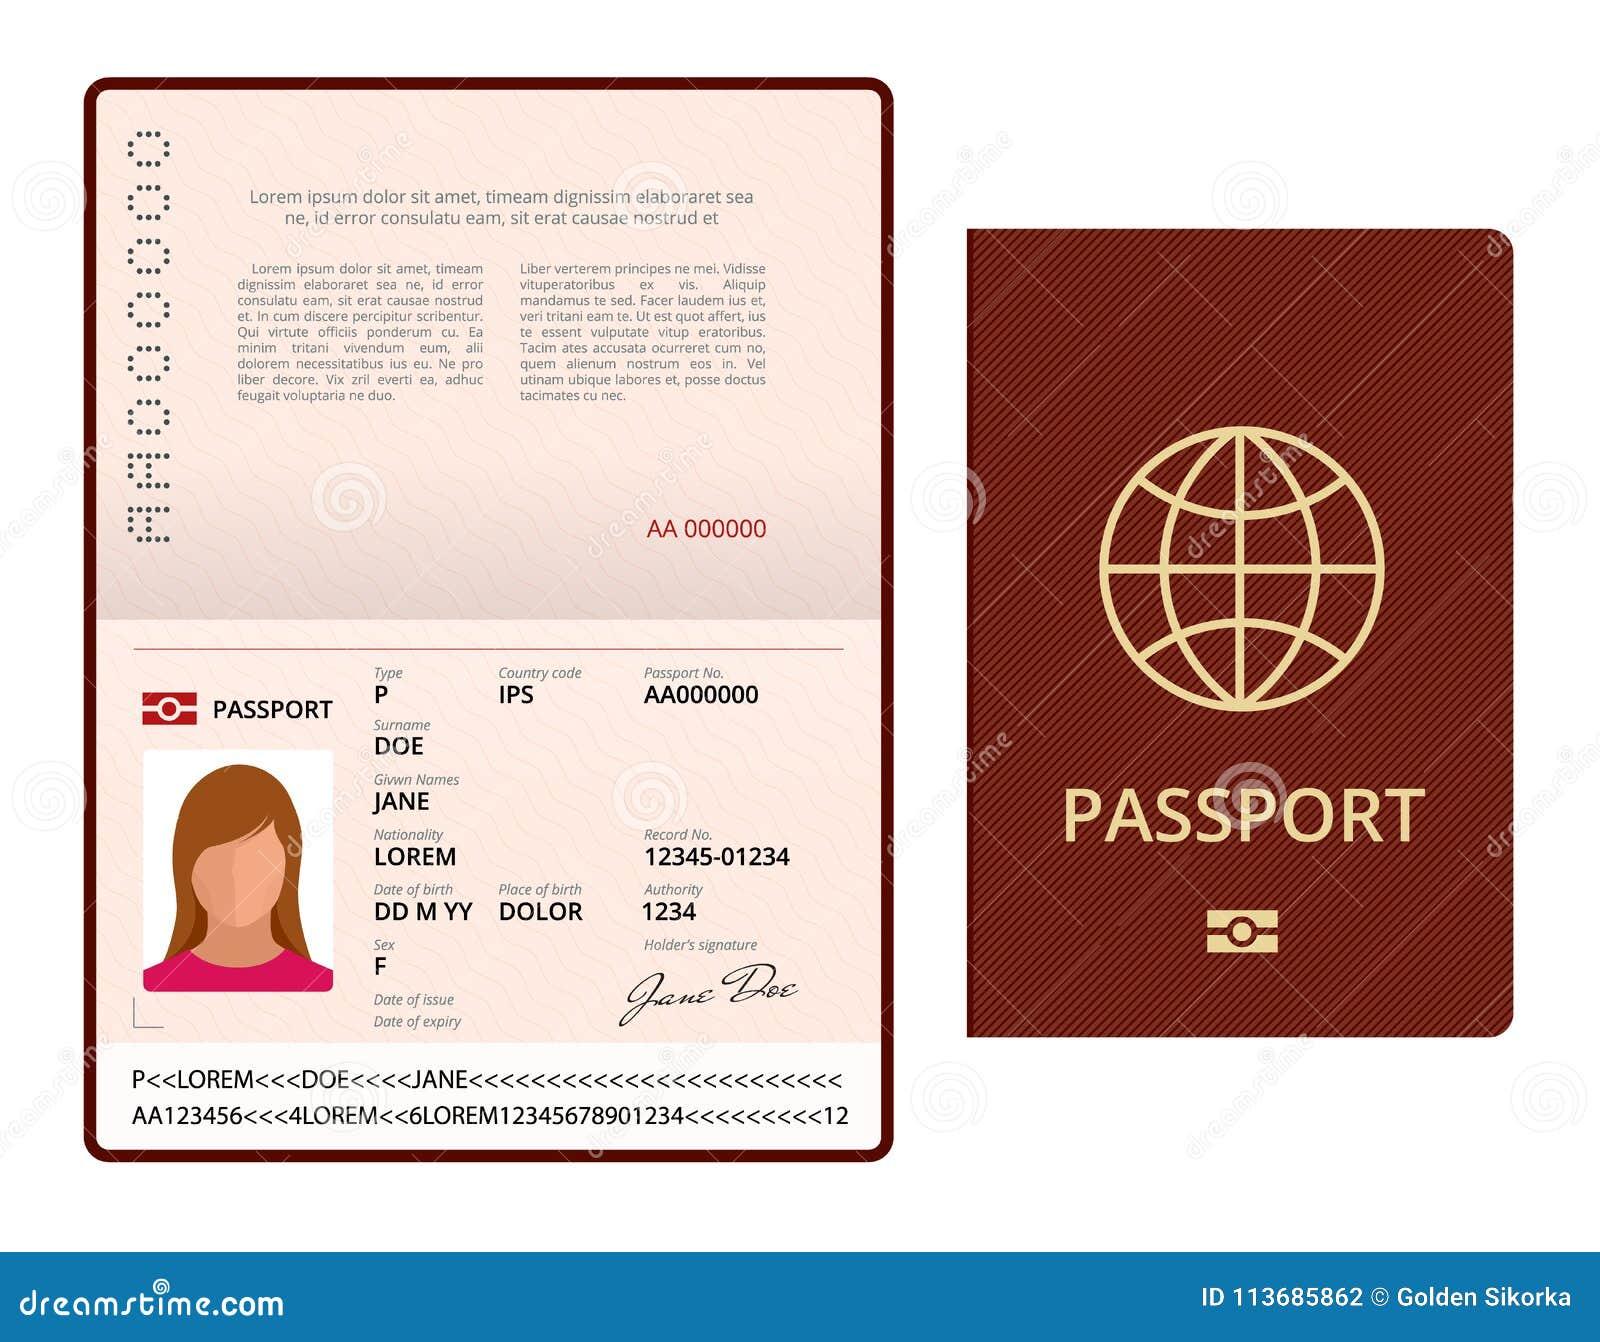 szablon zdjecia paszportowego